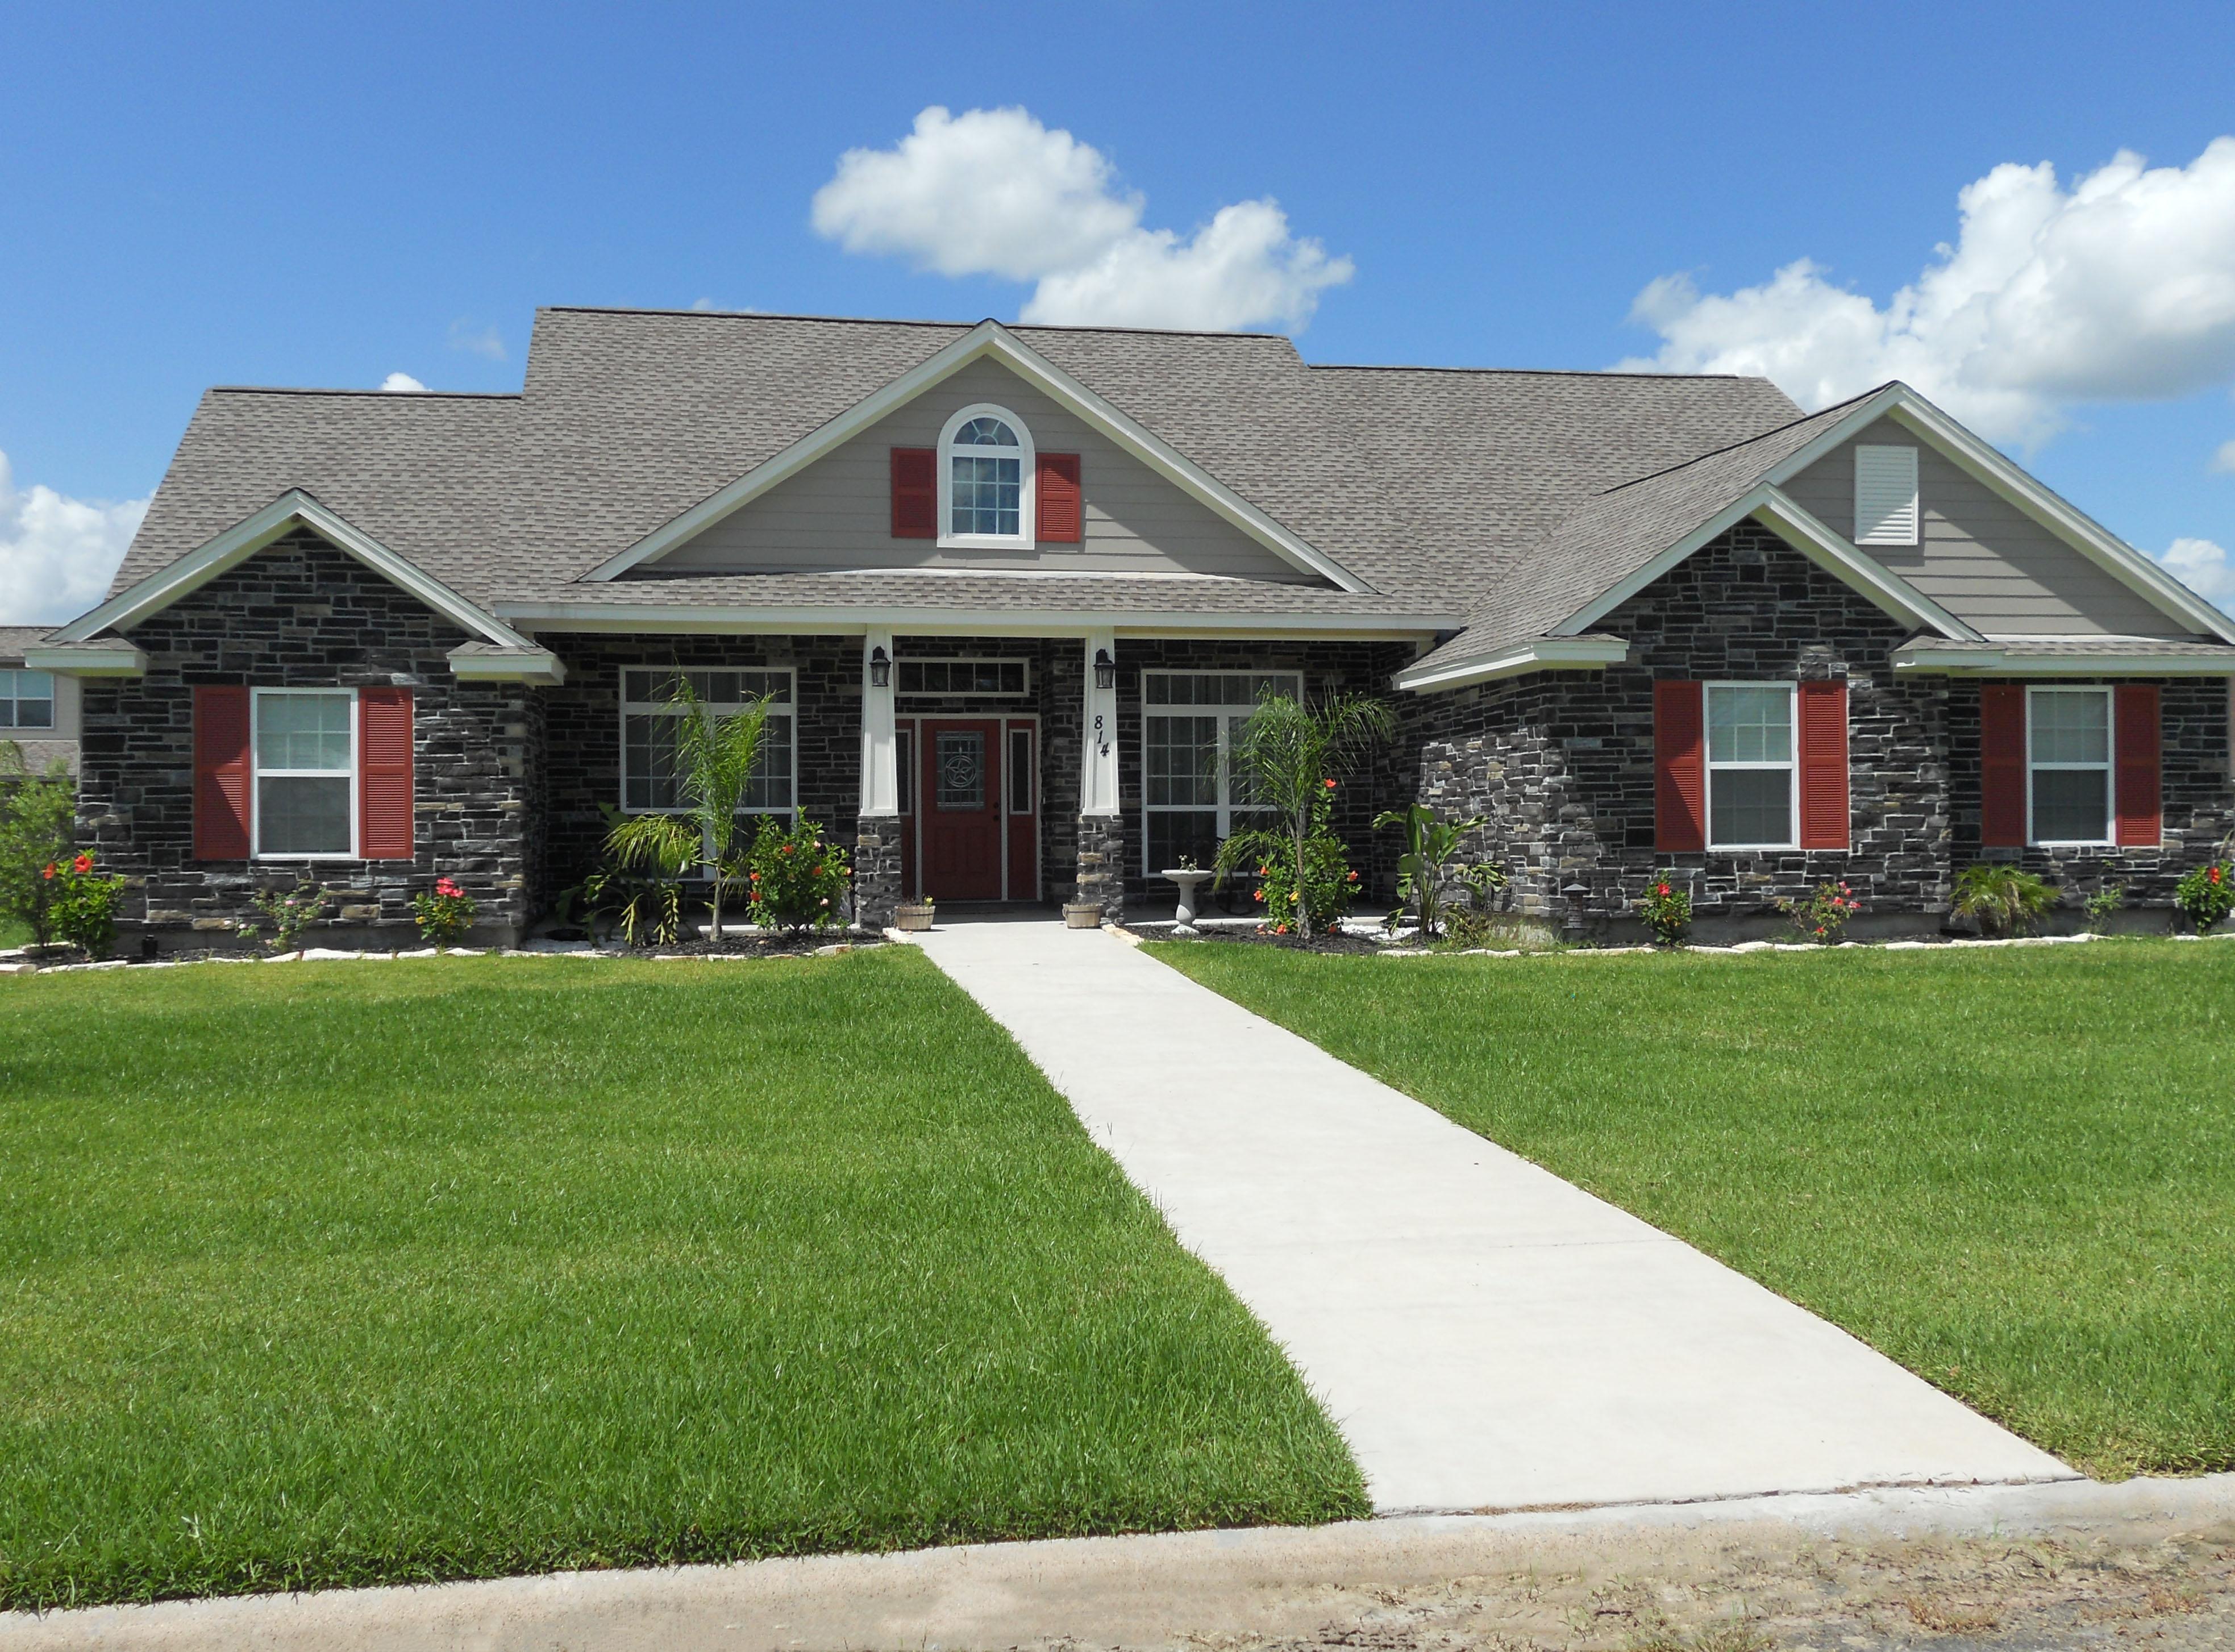 Southwest Homes Of Houston Custom